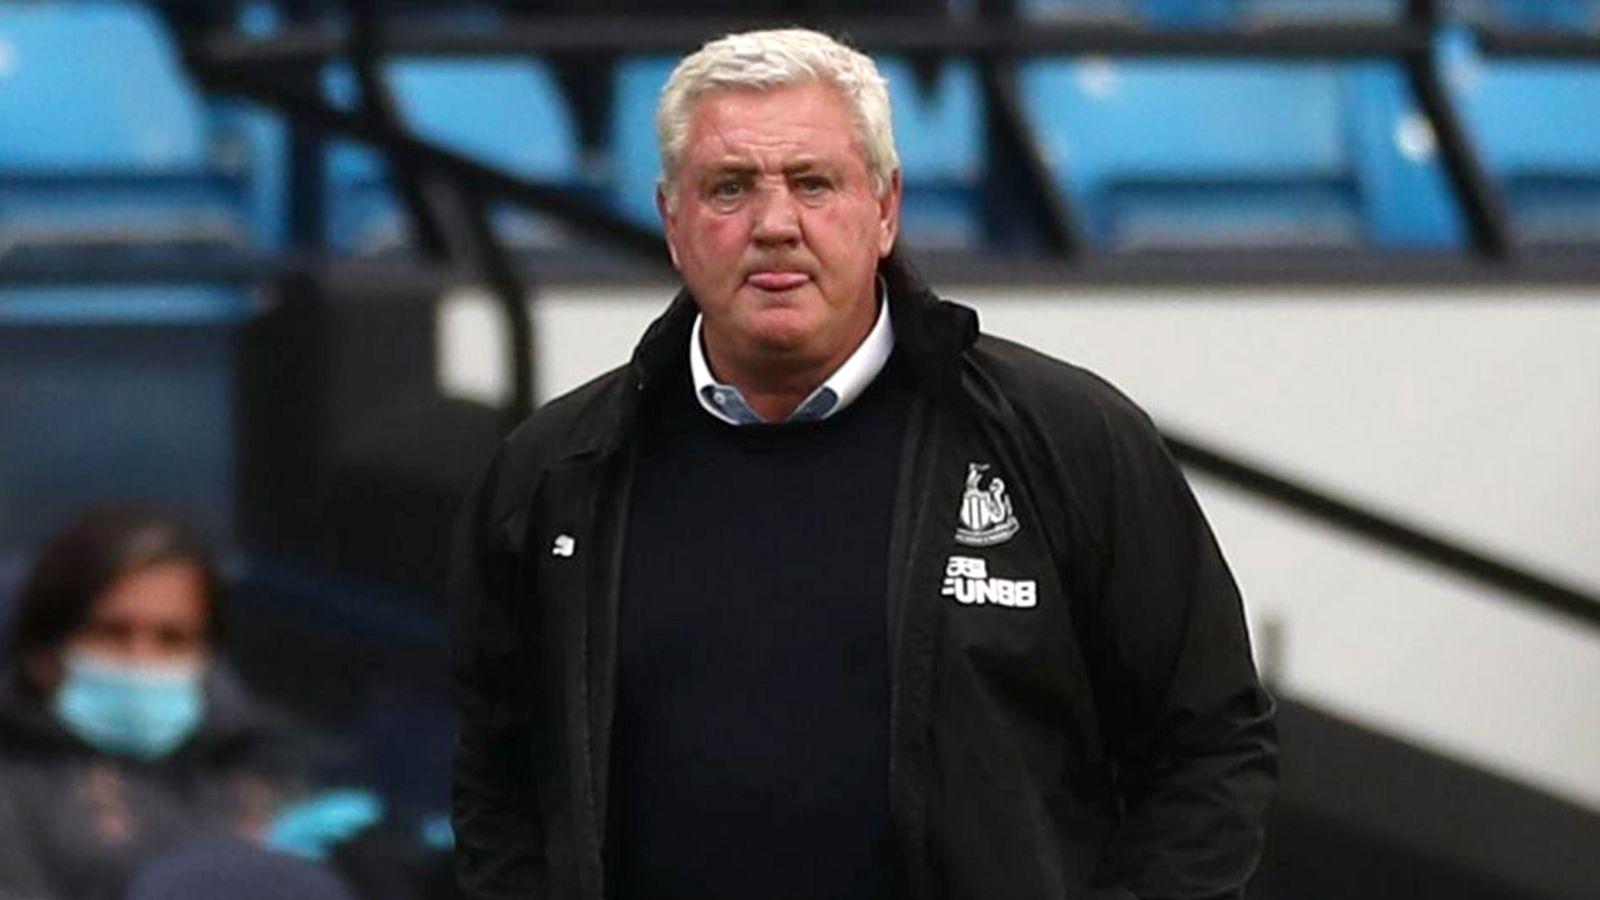 Umur 58 tahun) adalah seorang. Steve Bruce says Newcastle's takeover uncertainty won't ...